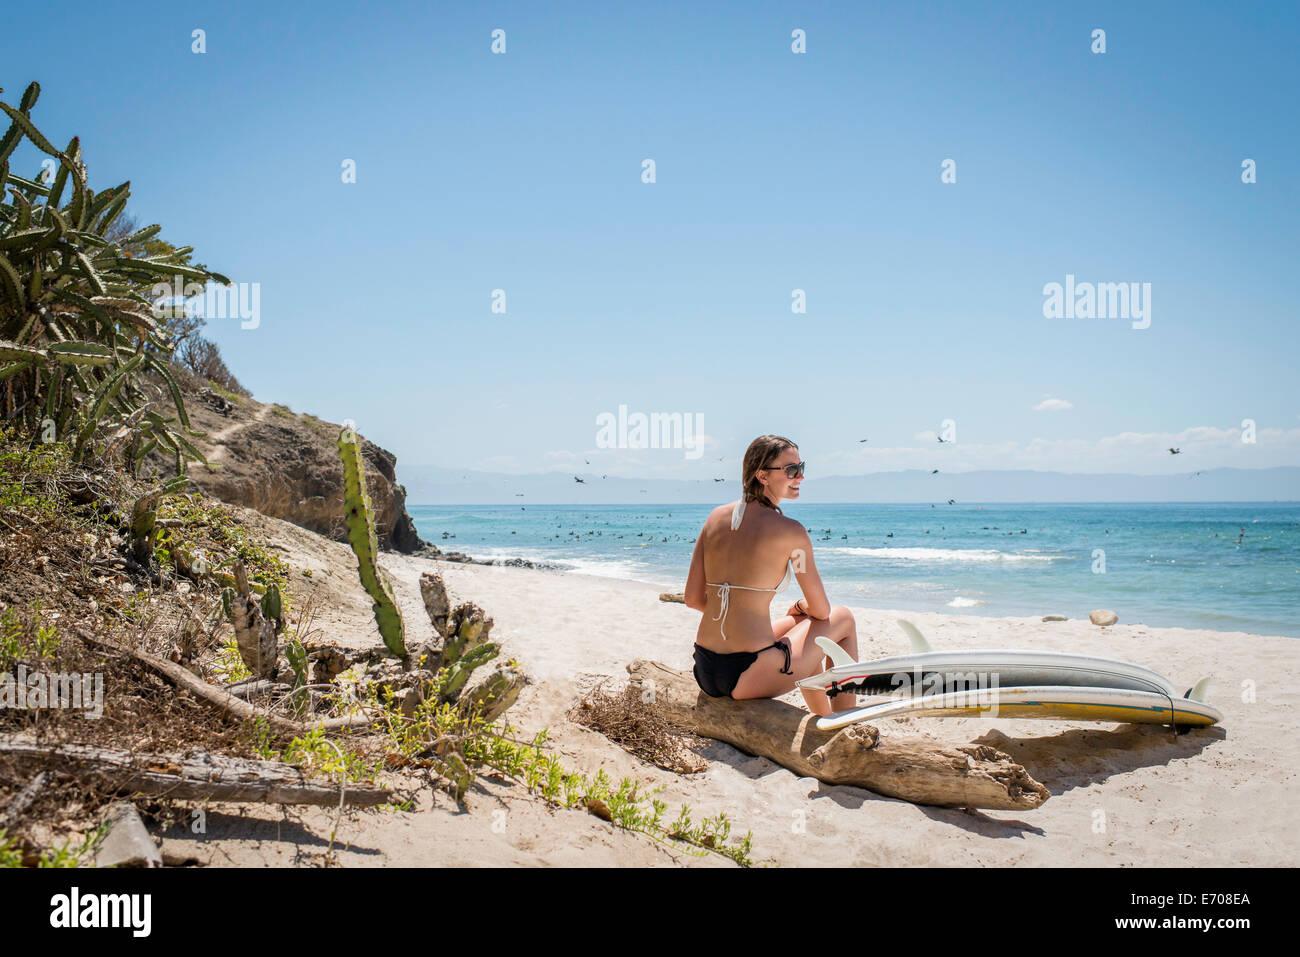 Jeune femme assise sur la plage à driftwood, une planche de surf par son côté Banque D'Images